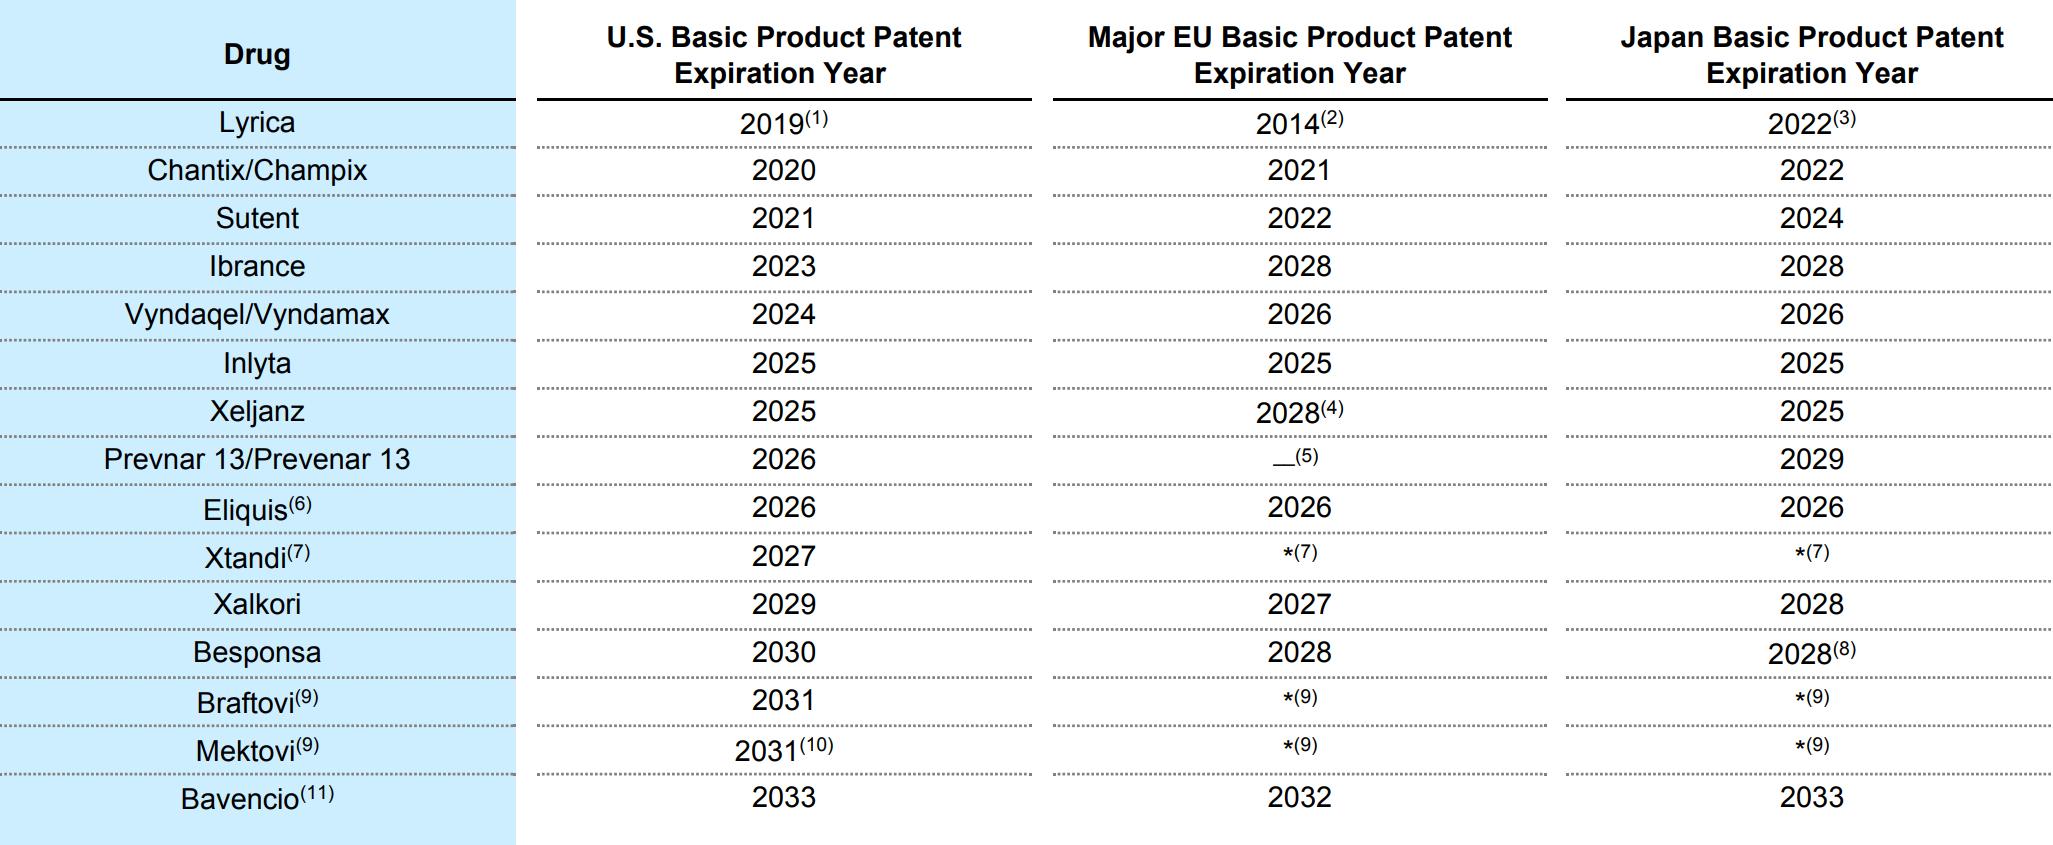 Годы, когда истекают патенты на основные лекарства компании в США, ЕС и Японии. Источник: годовой отчет компании, стр. 10 (15)